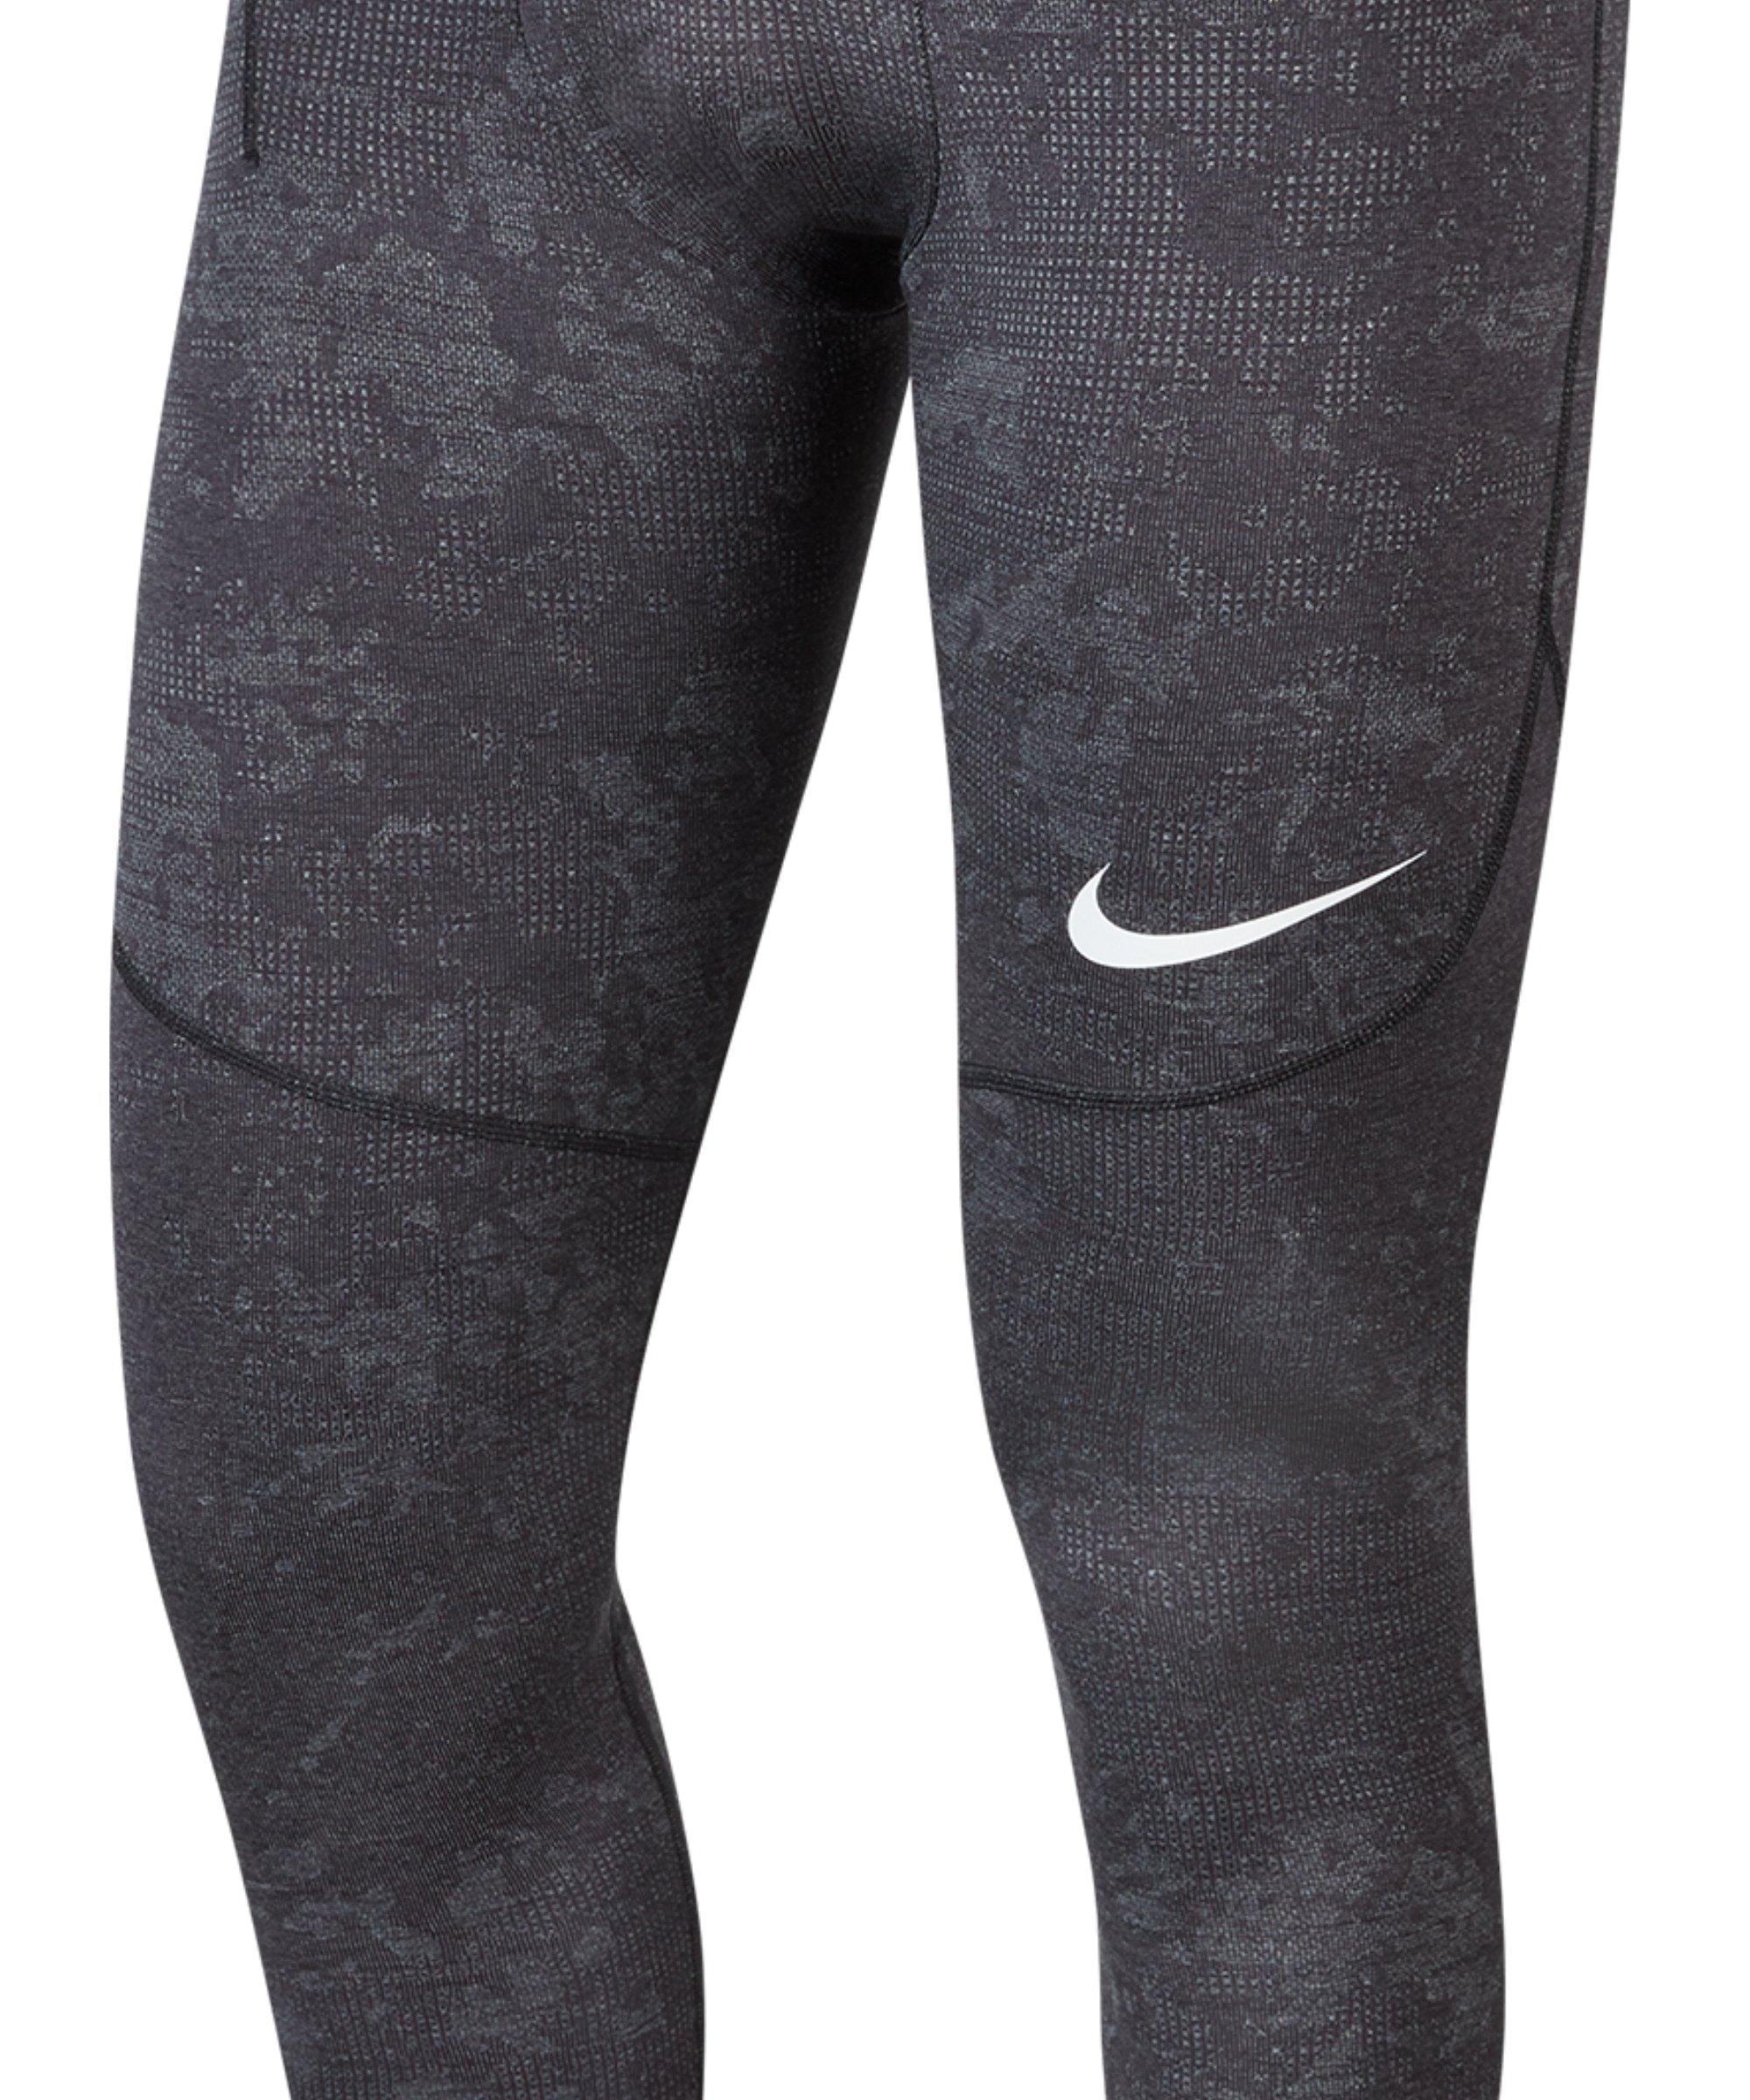 Nike Pro Utility Warm Tight Schwarz F010 - schwarz